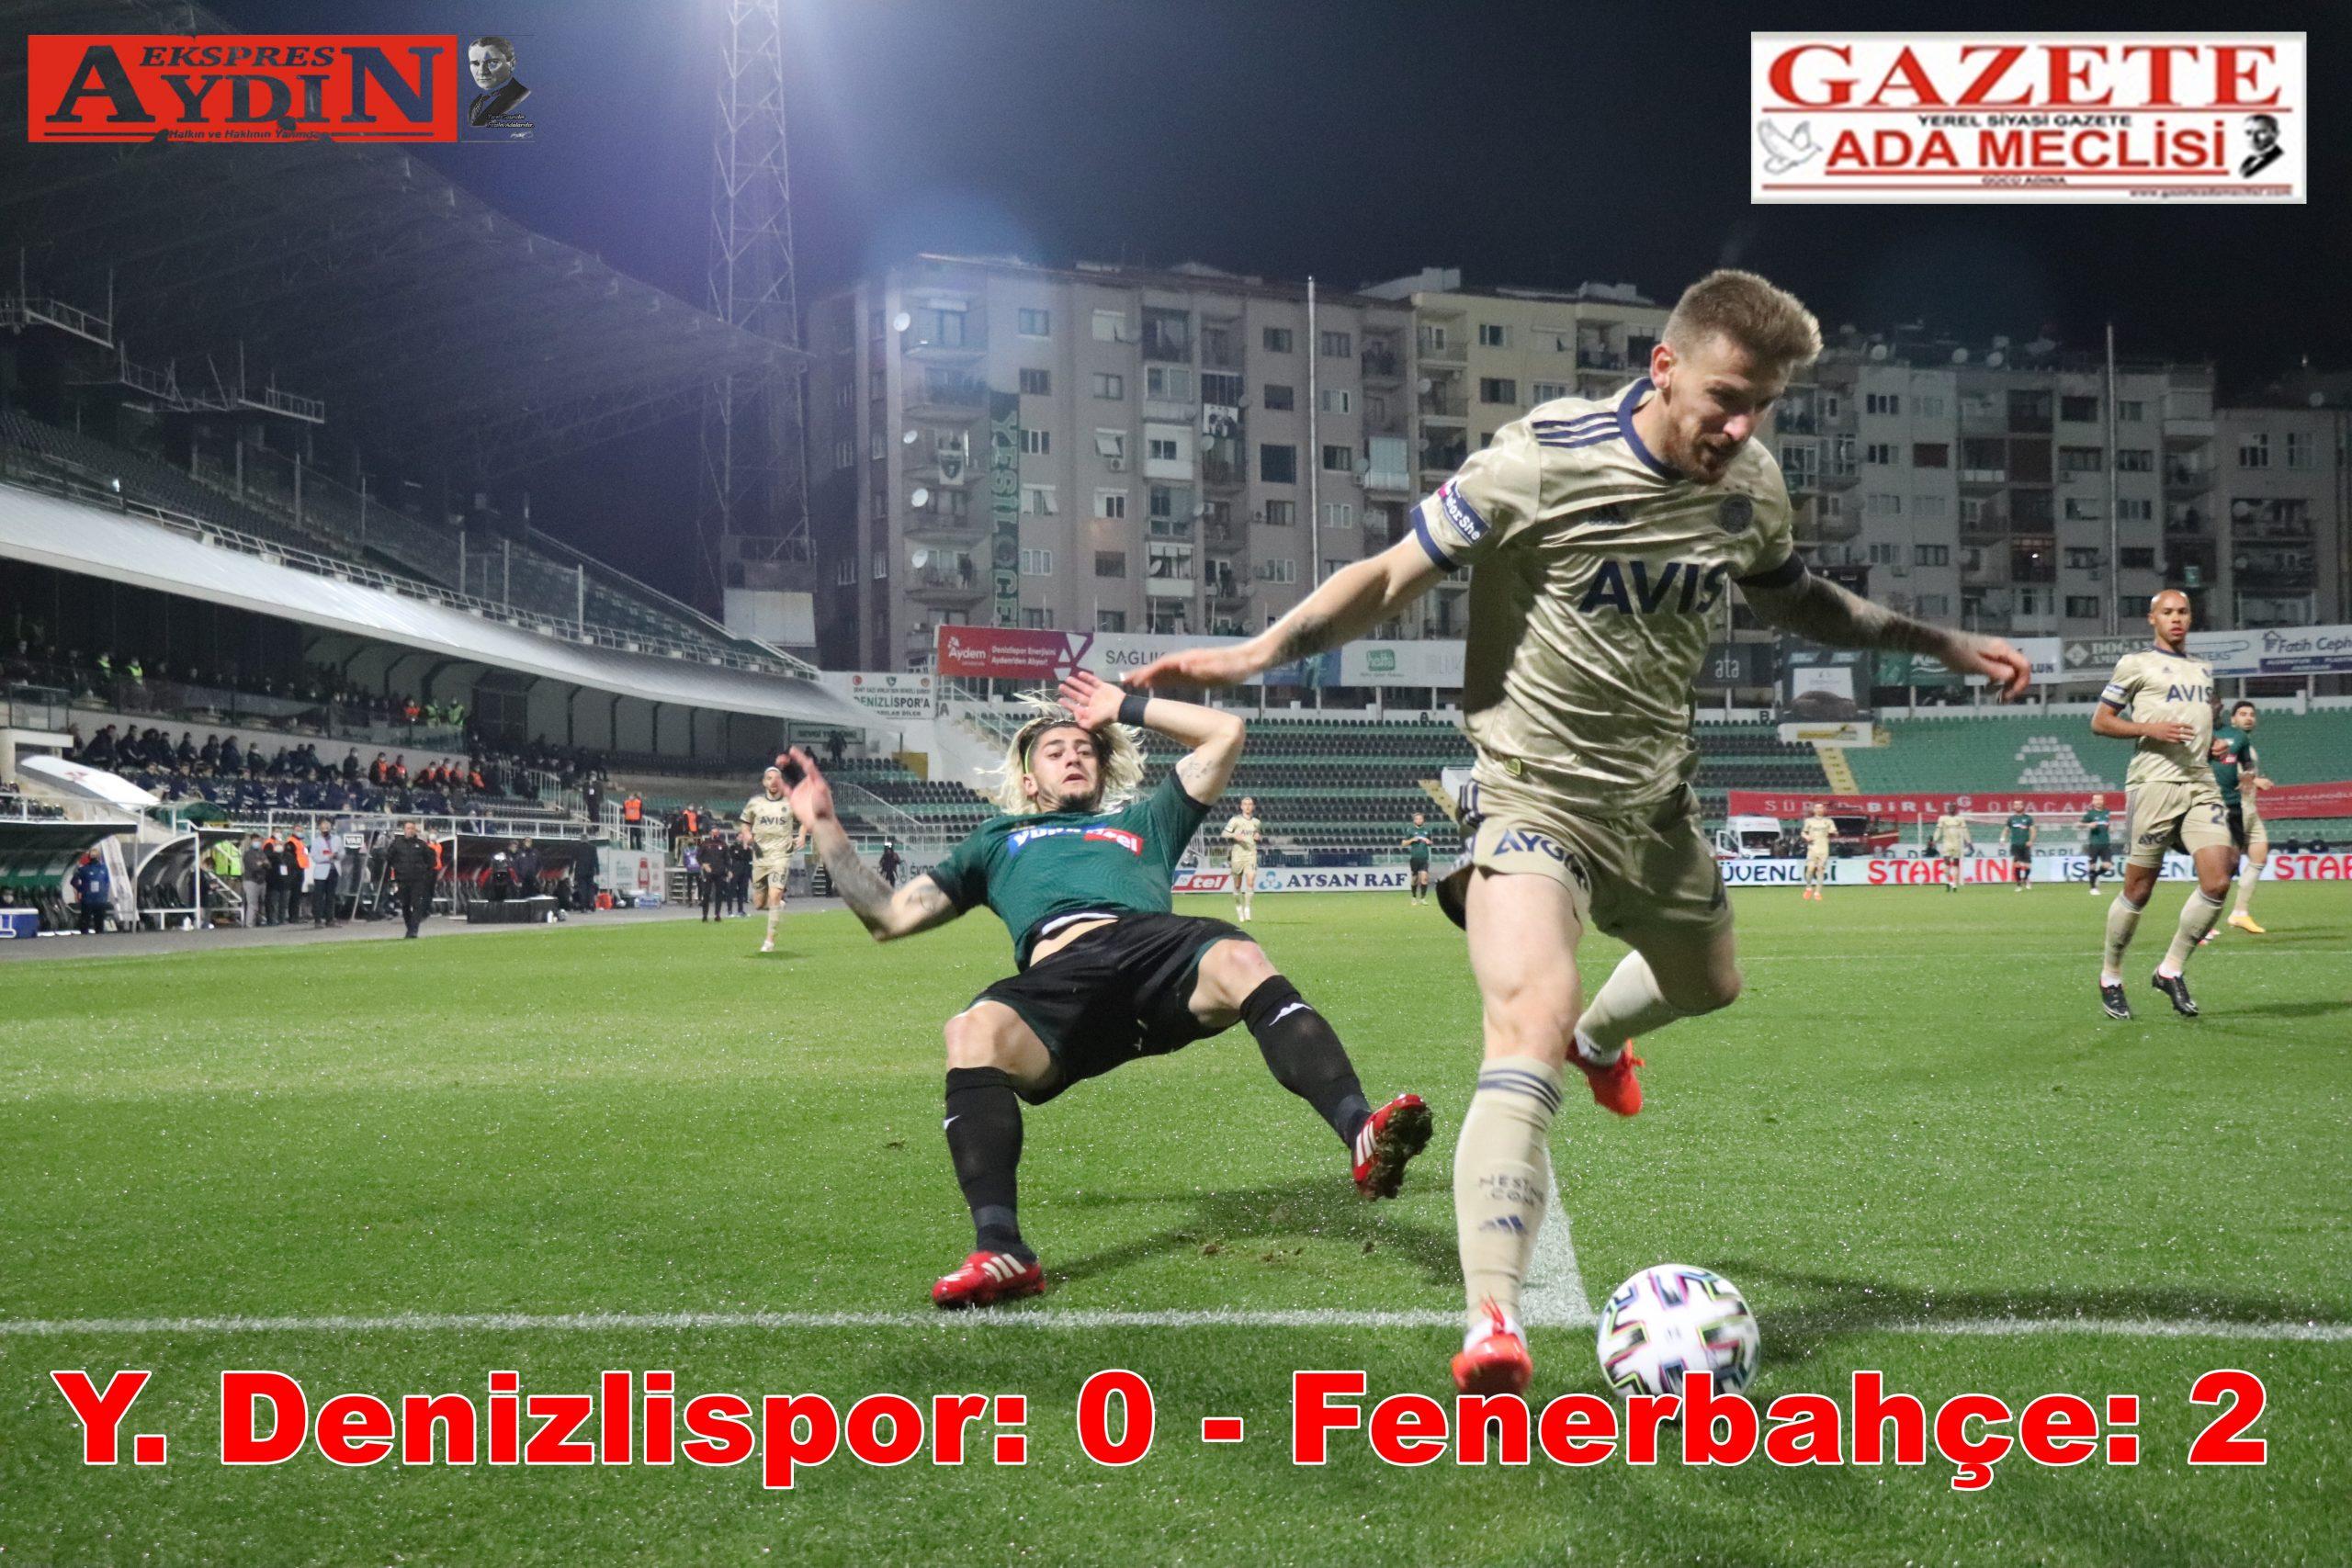 Y. Denizlispor: 0 – Fenerbahçe: 2